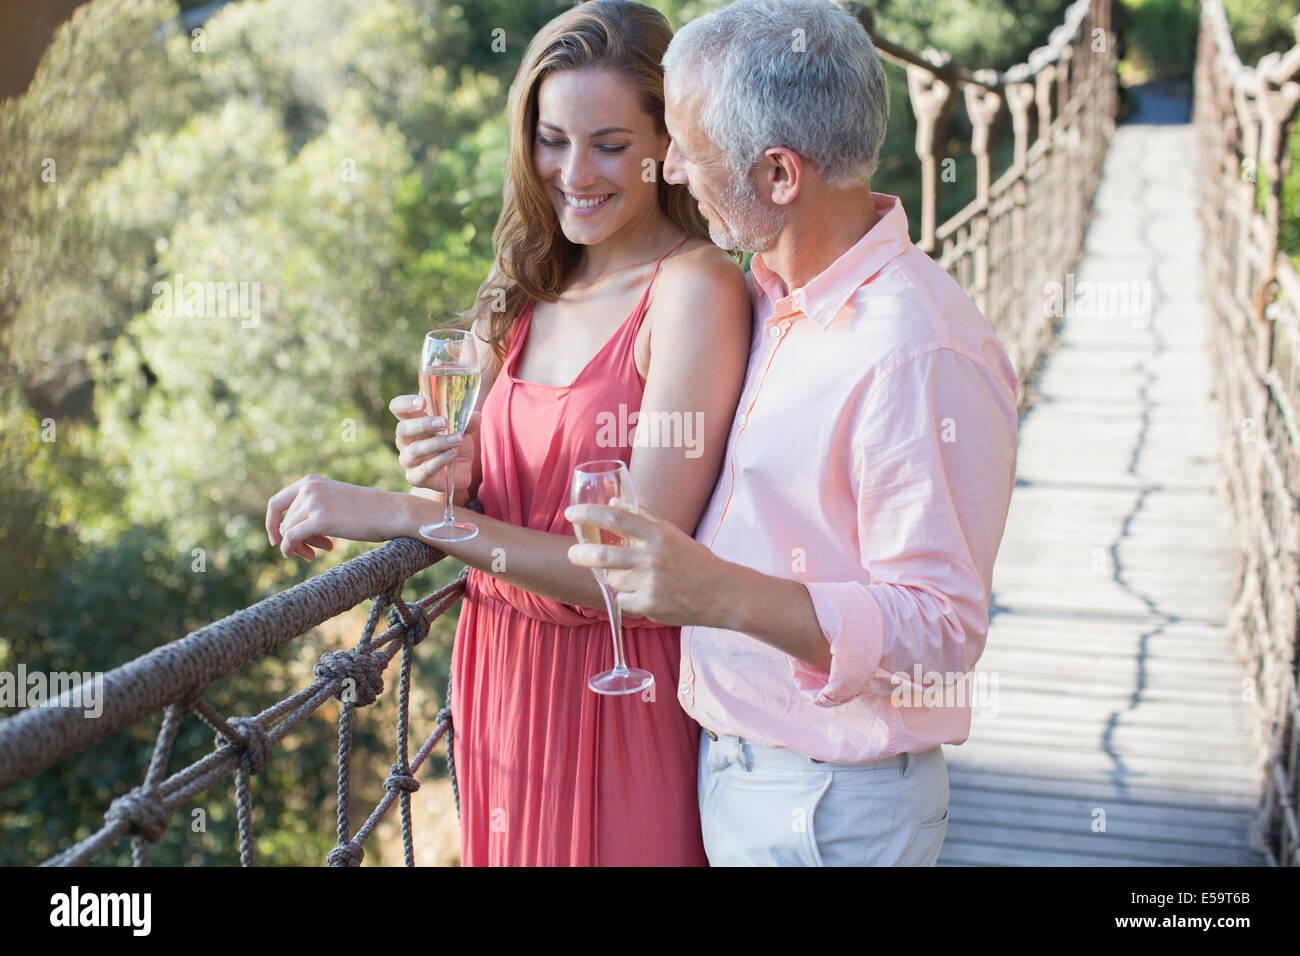 Couple toasting each other sur pont de corde en bois Photo Stock